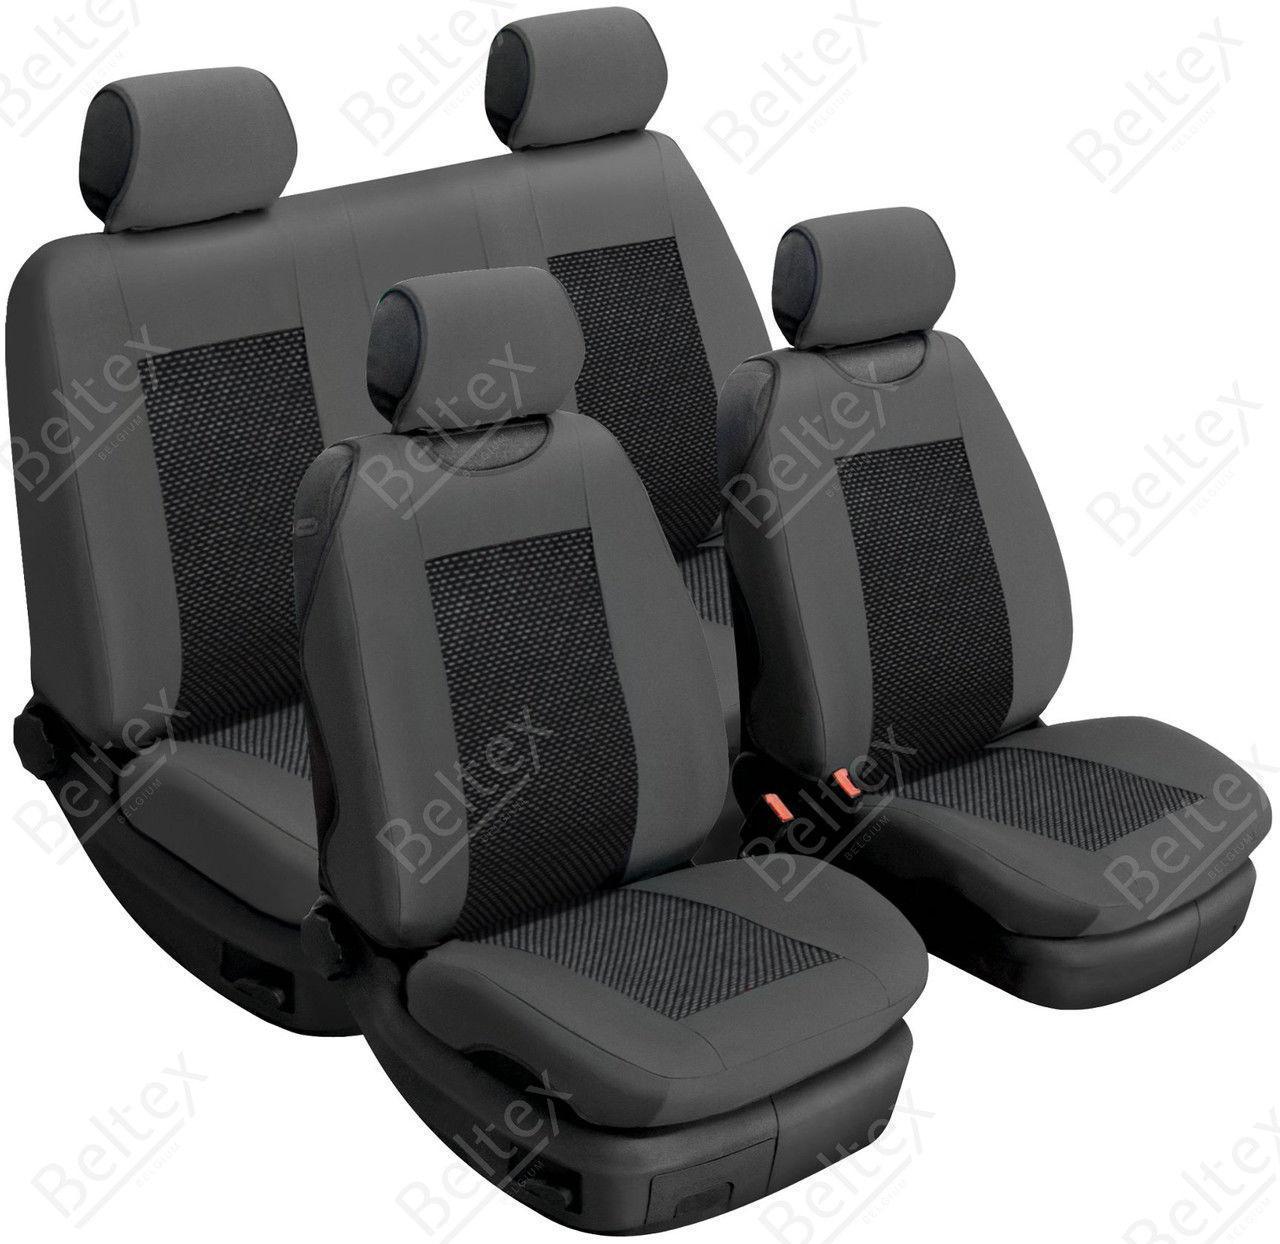 Майки/чехлы на сиденья БМВ Х3 Ф25 (BMW X3 F25)